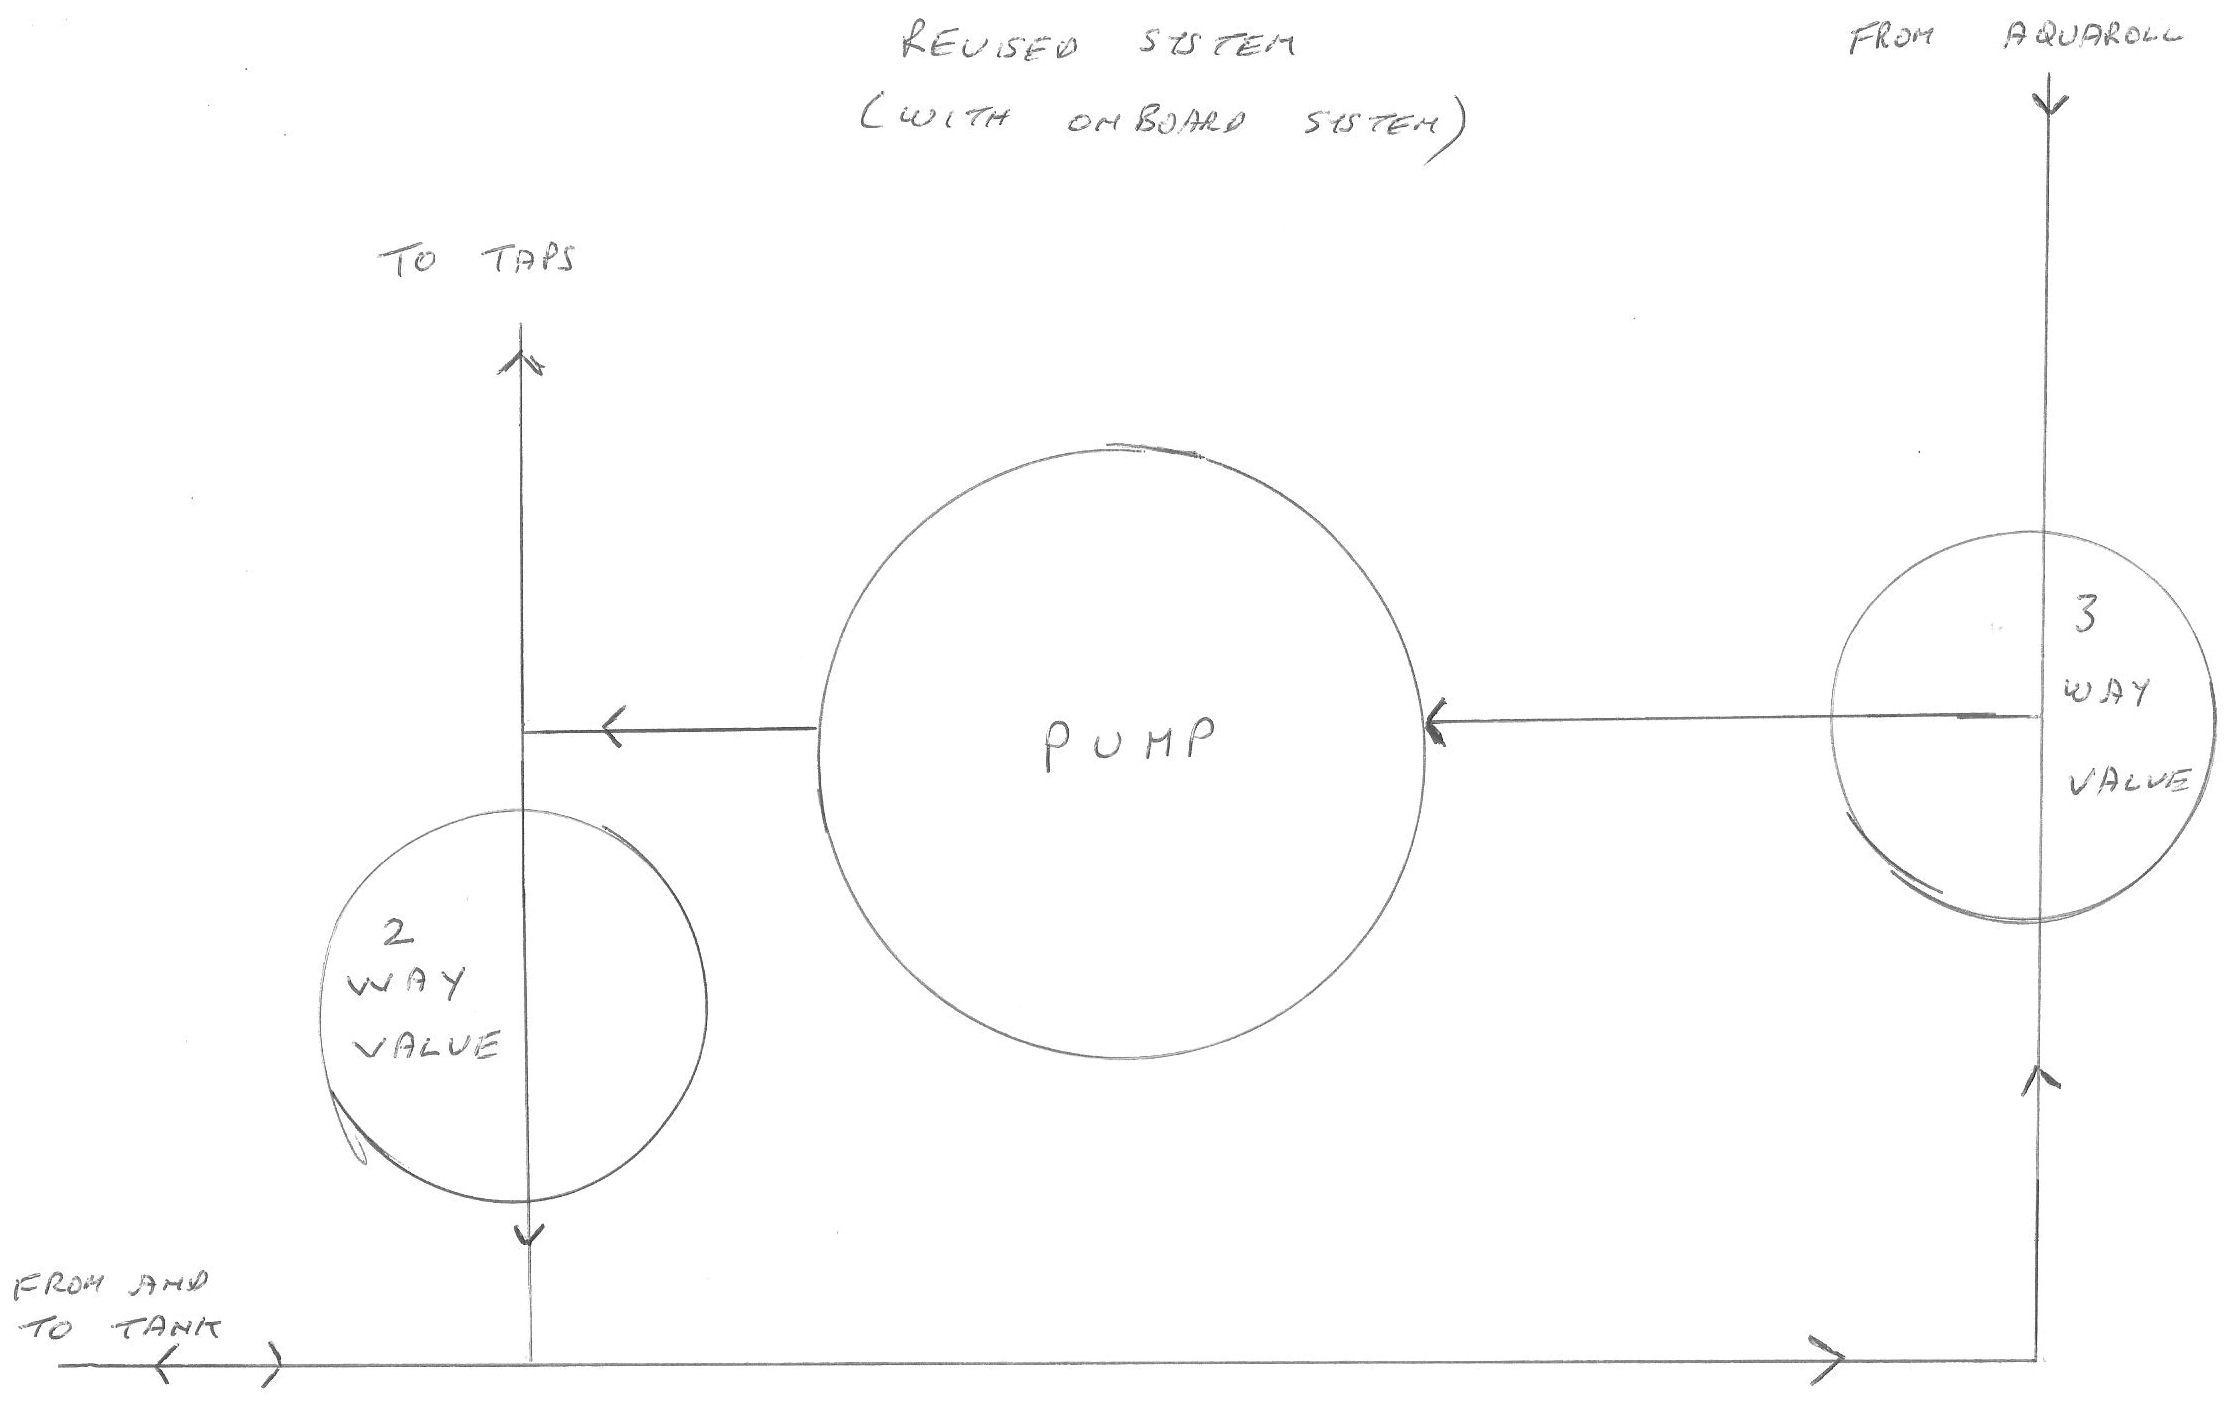 plan of installation